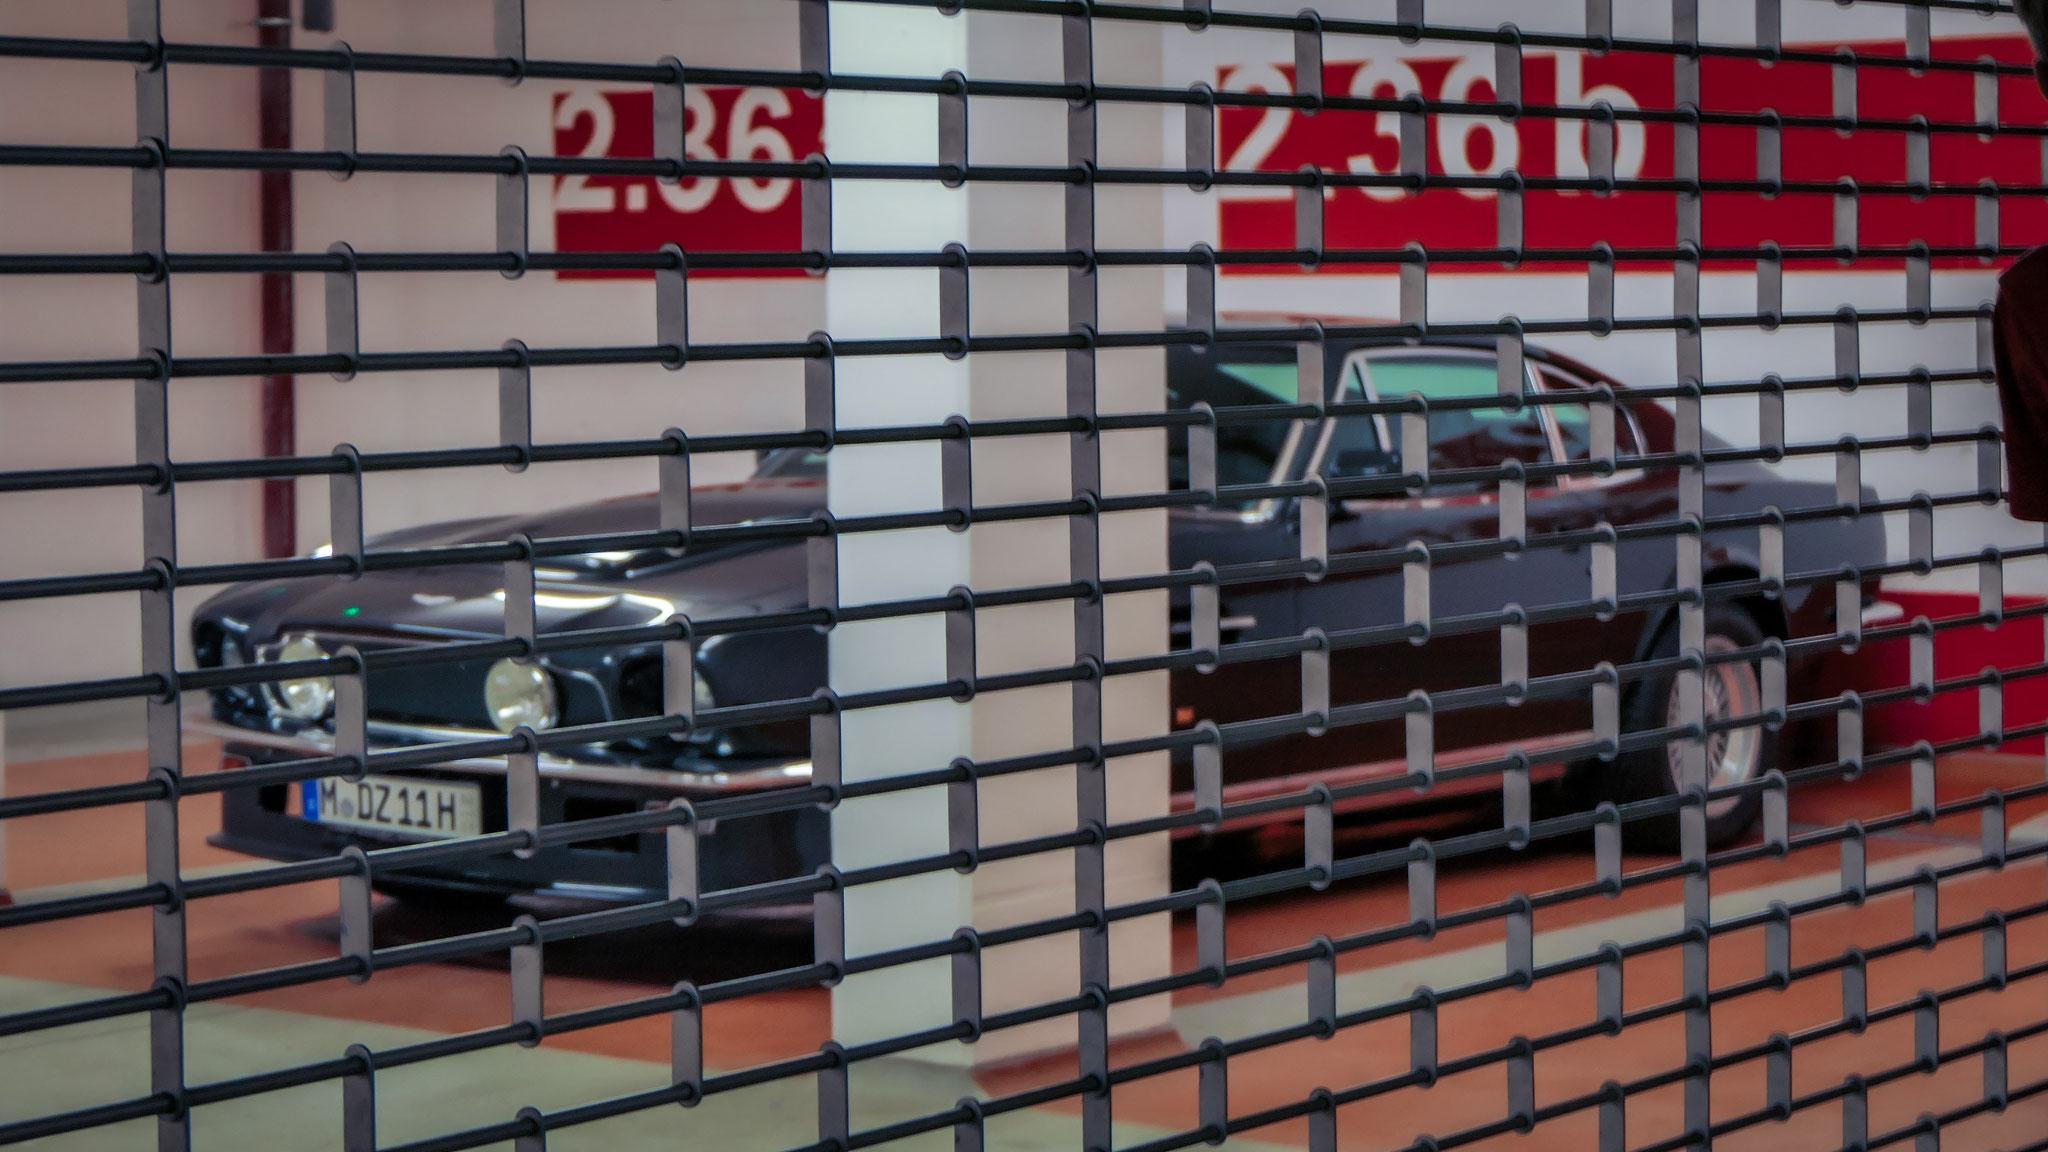 Aston Martin V8 Vantage 1983 - M-DZ-11H